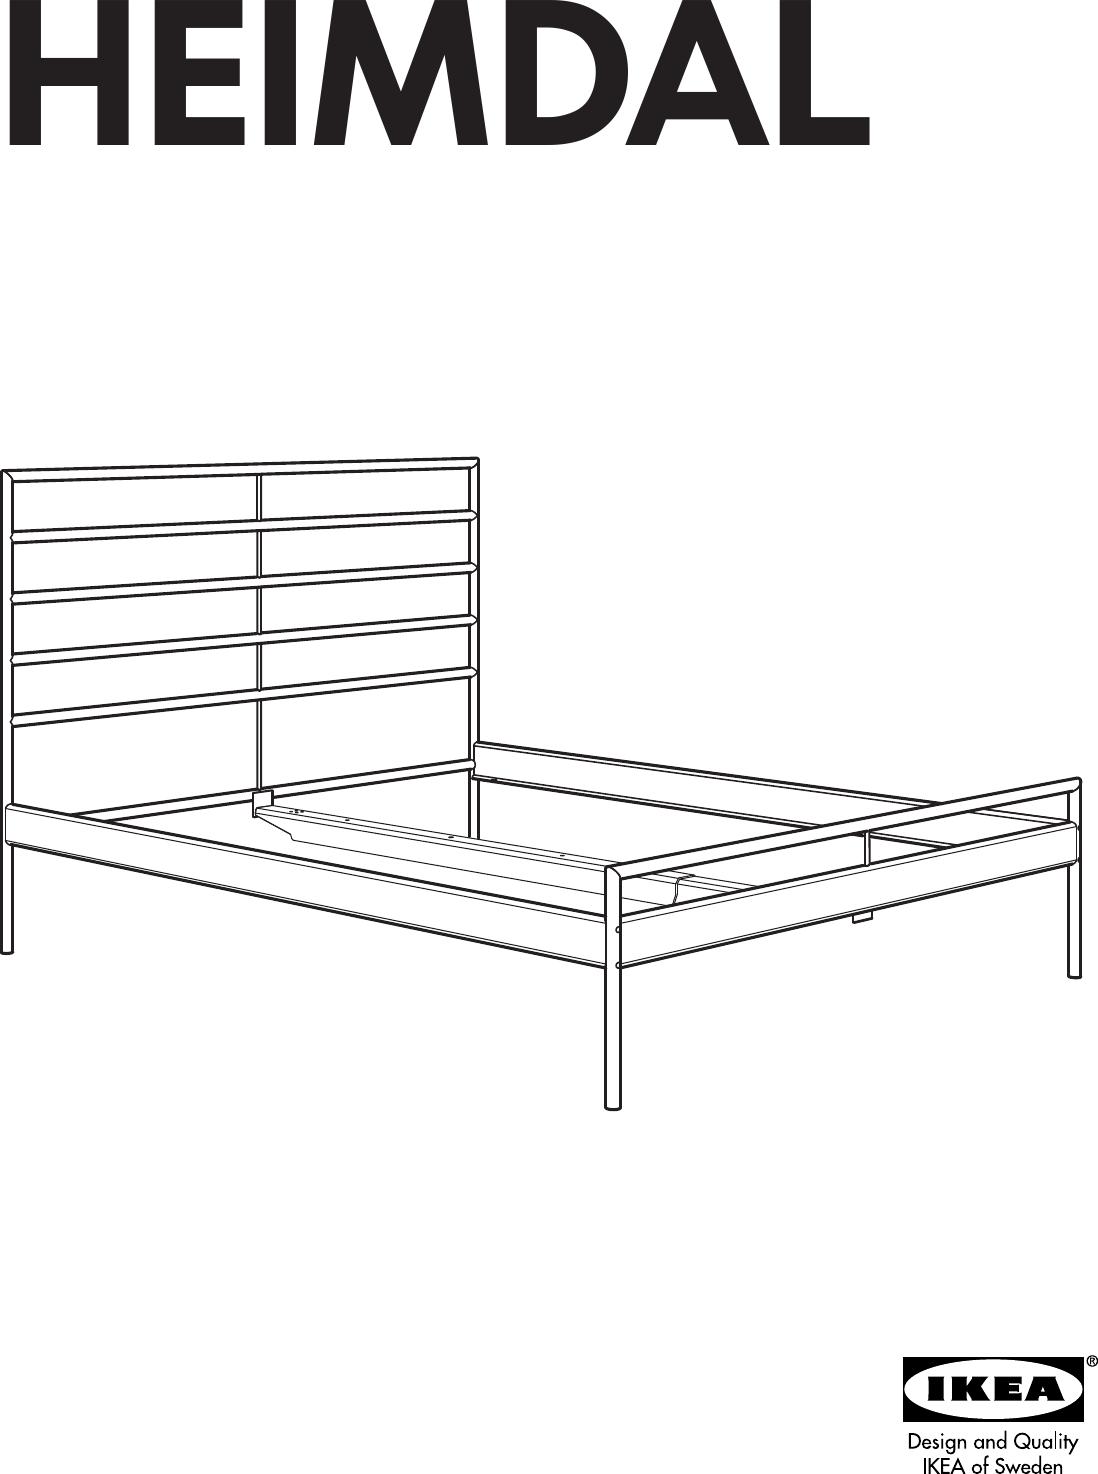 ikea heimdal head footboard queen assembly instruction rh usermanual wiki IKEA Heimdal Full Size ikea heimdal instructions